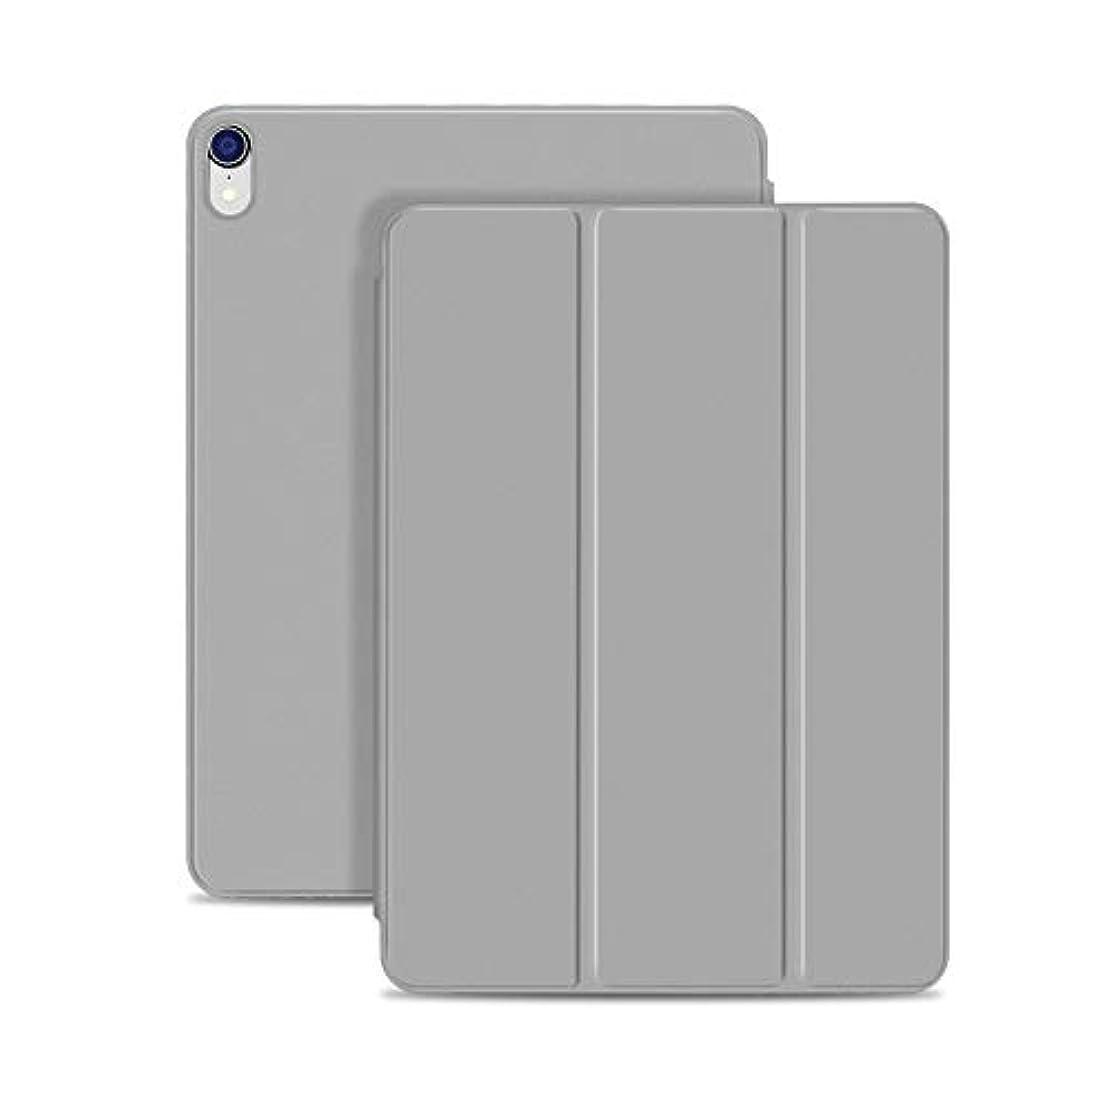 サンプル寛容な削減【マーサリンク】iPad Pro 11インチ 2018年モデル用 薄型 PU革 Smart Folio ケース 三つ折り スマート カバー オートスリープ機能 PUレザー 裏カバー マグネット吸着 スタンド 第2世代 アップルペンシル携帯可能 (ブラック、グレー、ネイビー、 グリーン、レッド、ローズゴールド) 6カラー選択 (グレー)